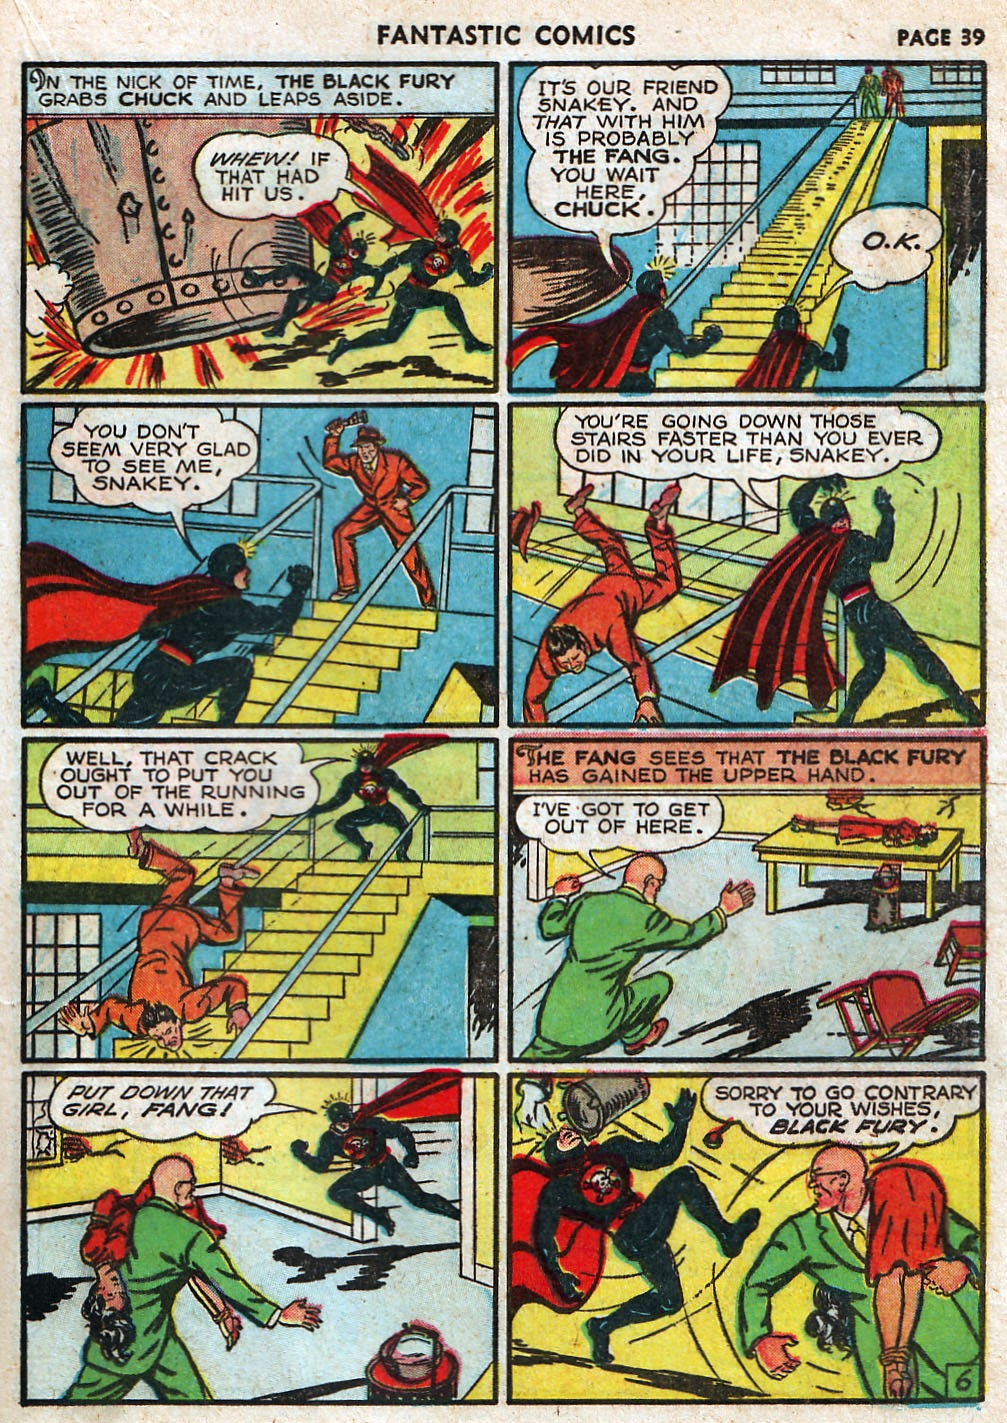 Read online Fantastic Comics comic -  Issue #17 - 40